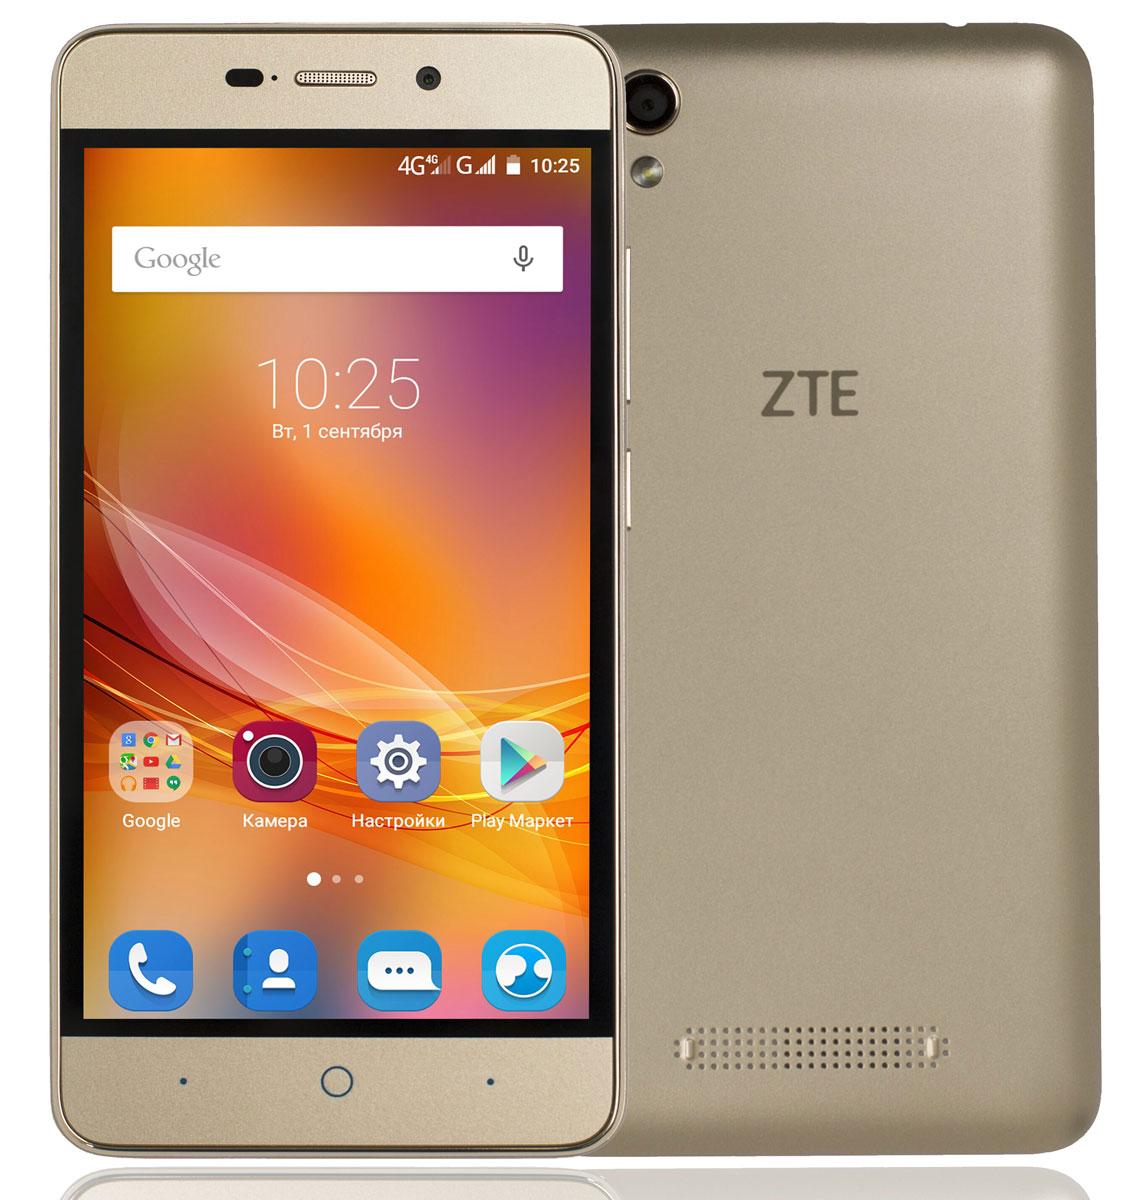 ZTE Blade X3, GoldZTE BLADE X3 (4G) GOLDZTE Blade X3 - доступный и производительный LTE-смартфон c аккумулятором емкостью 4000 мАч (имеется функция Power Bank). Данная модель работает модель на базе 64-битного четырехъядерного процессора MediaTek MT6735P 1 ГГц с 1 ГБ оперативной памяти. Для хранения данных доступно 8 ГБ встроенной памяти. Смартфон оборудован качественным 5-дюймовым HD IPS-дисплеем с разрешением 1280 x 720. На нем будет удобно просматривать фотографии и видеоролики, а также работать в интернете. Девайс обладает двумя слотами для SIM-карт, слотом для карт памяти microSD (до 32 ГБ).ZTE Blade X3оснащен двумя камерами: основной на 8 мегапикселей и фронтальной на 5 мегапикселей. Основная камера отлично справляется со съемкой в слабо освещенных местах. А фронтальная идеально подойдет для видеозвонков и селфи.Телефон сертифицирован Ростест и имеет русифицированный интерфейс меню, а также Руководство пользователя.